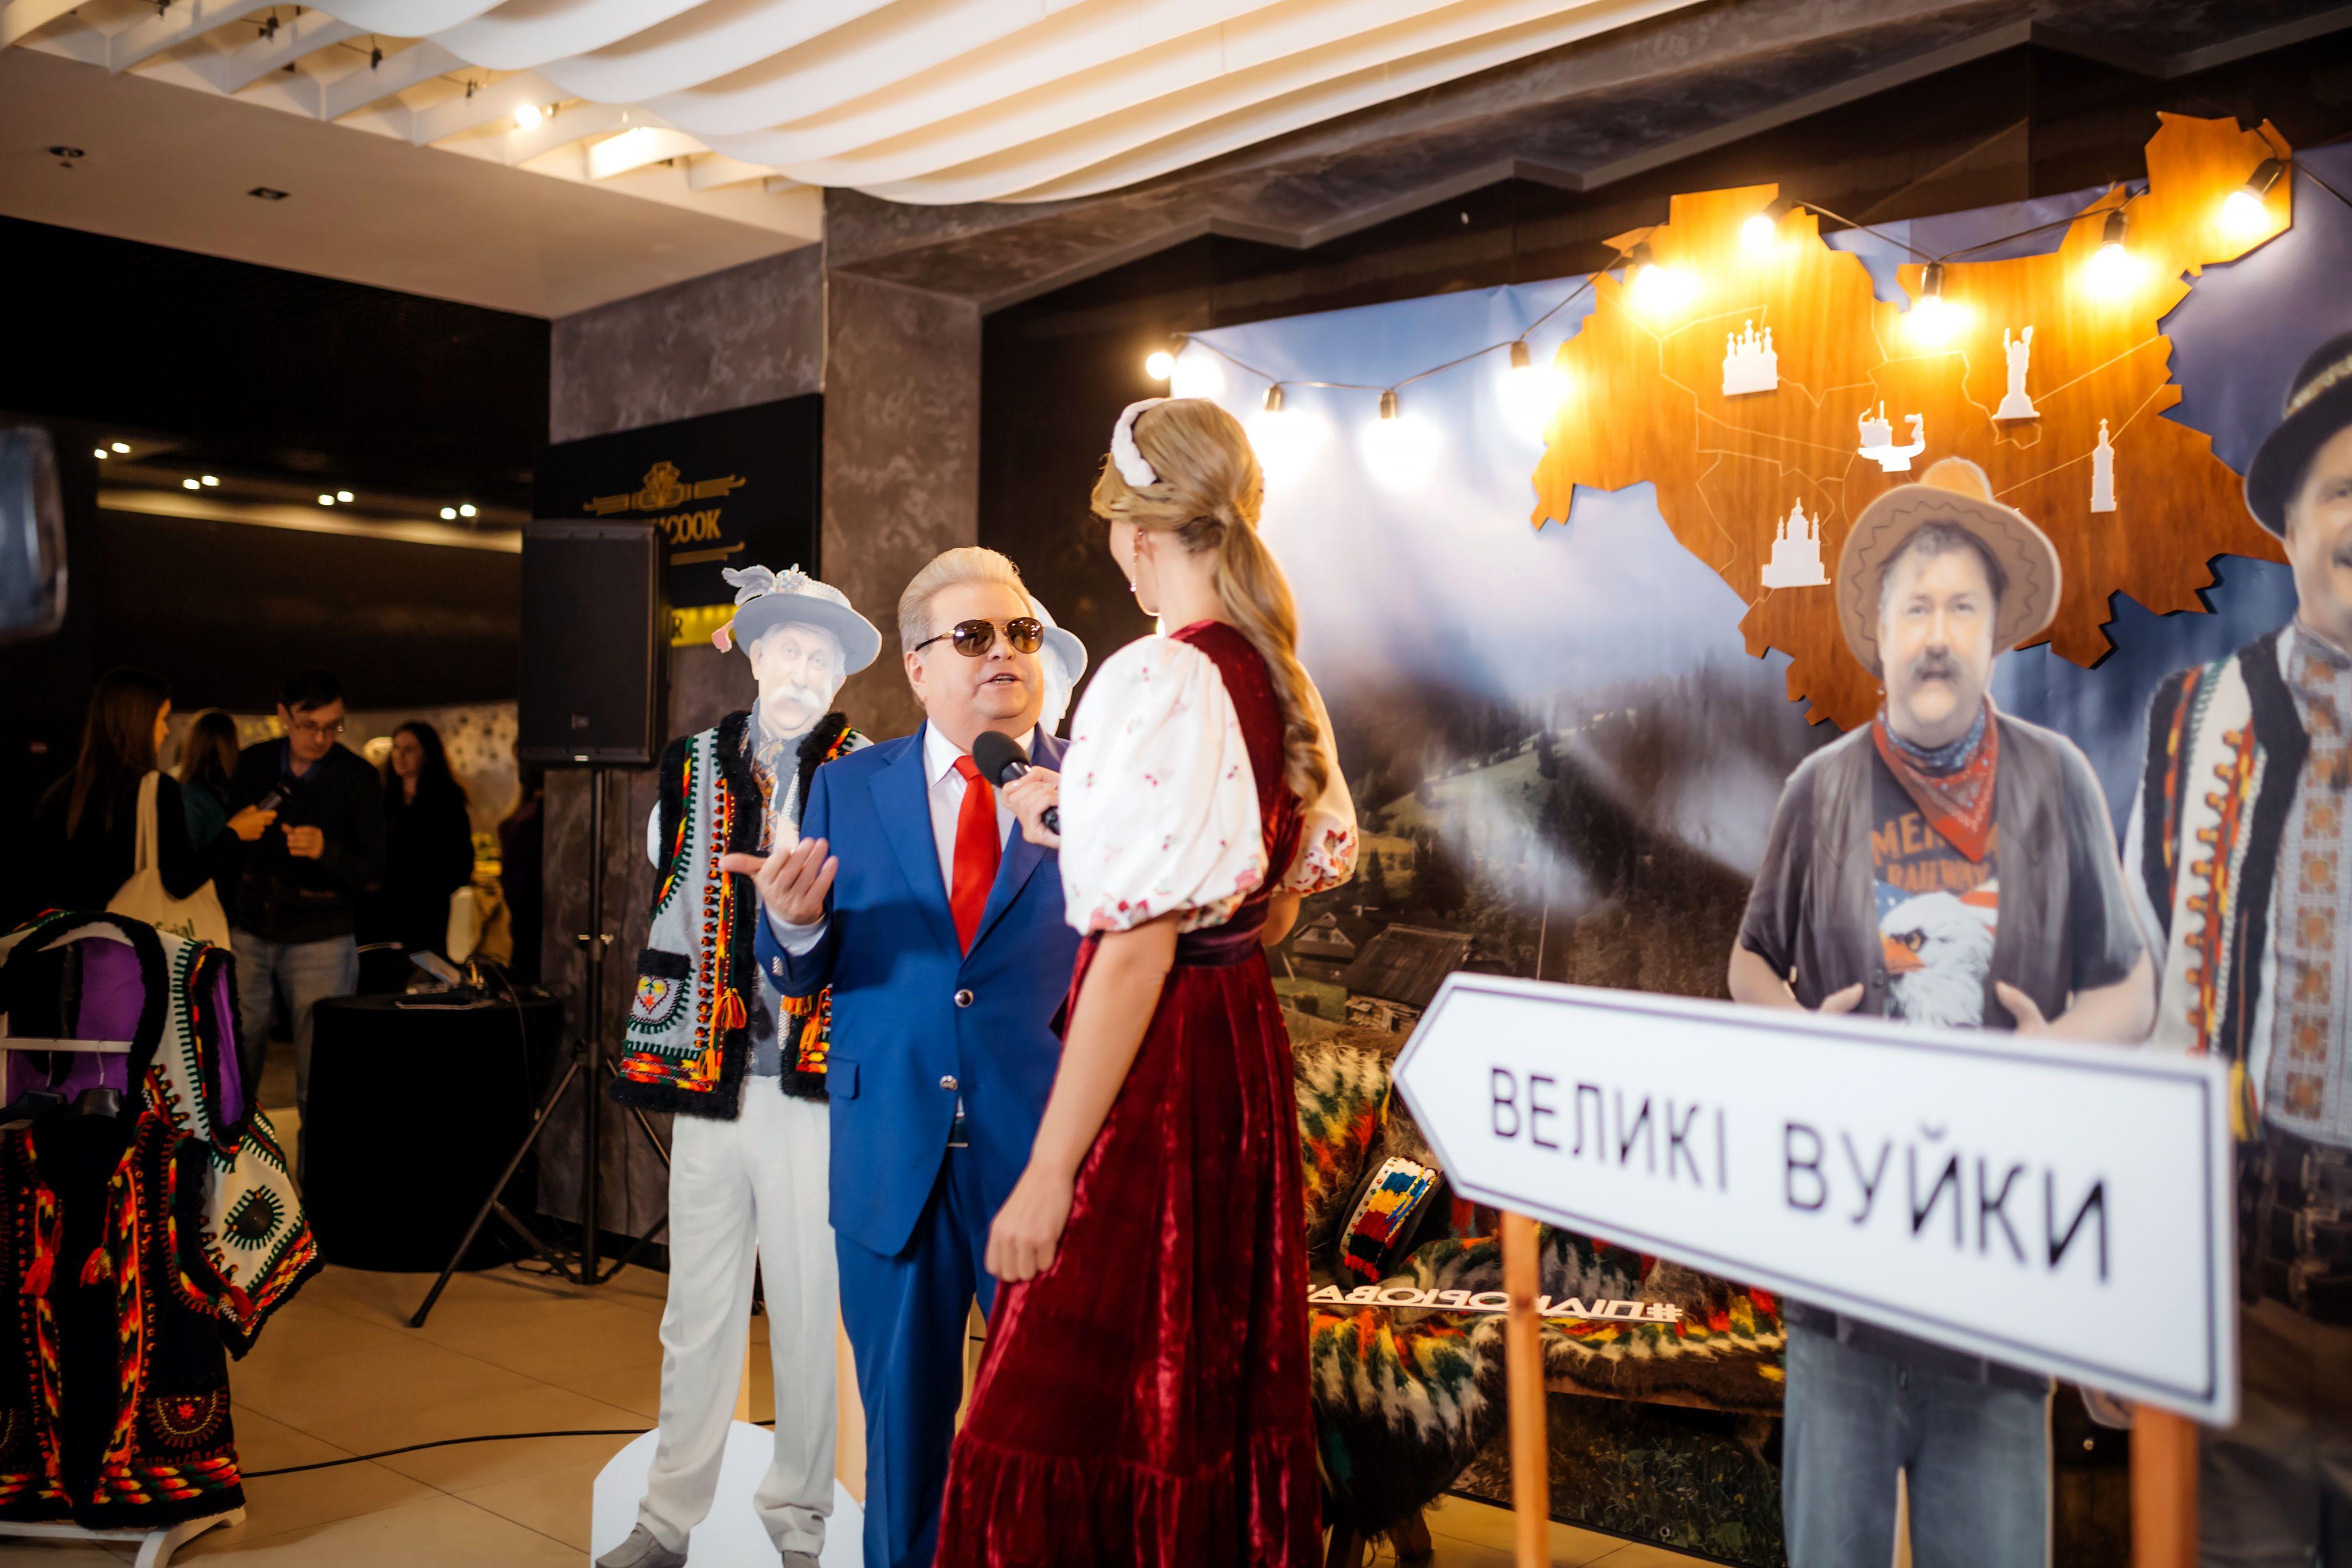 """Премьера сериала """"Великі Вуйки""""_33"""